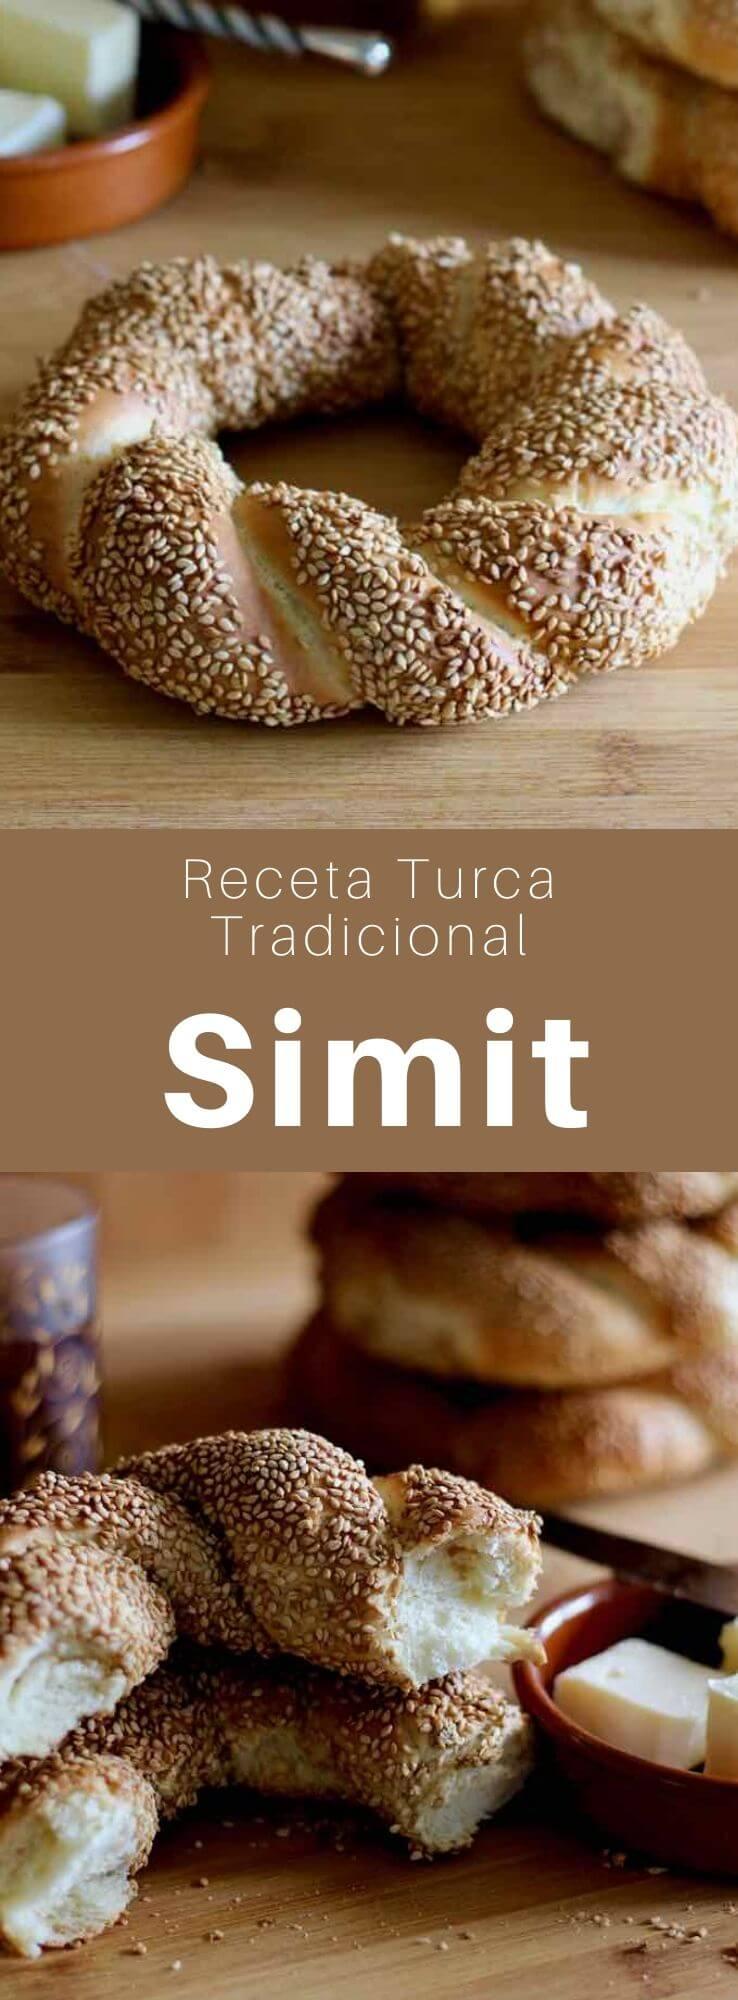 El simit es un pan turco en forma de anillo hecho con una gruesa corteza de semillas de sésamo, también llamado gevrek o koulouri, y apodado el pretzel turco.